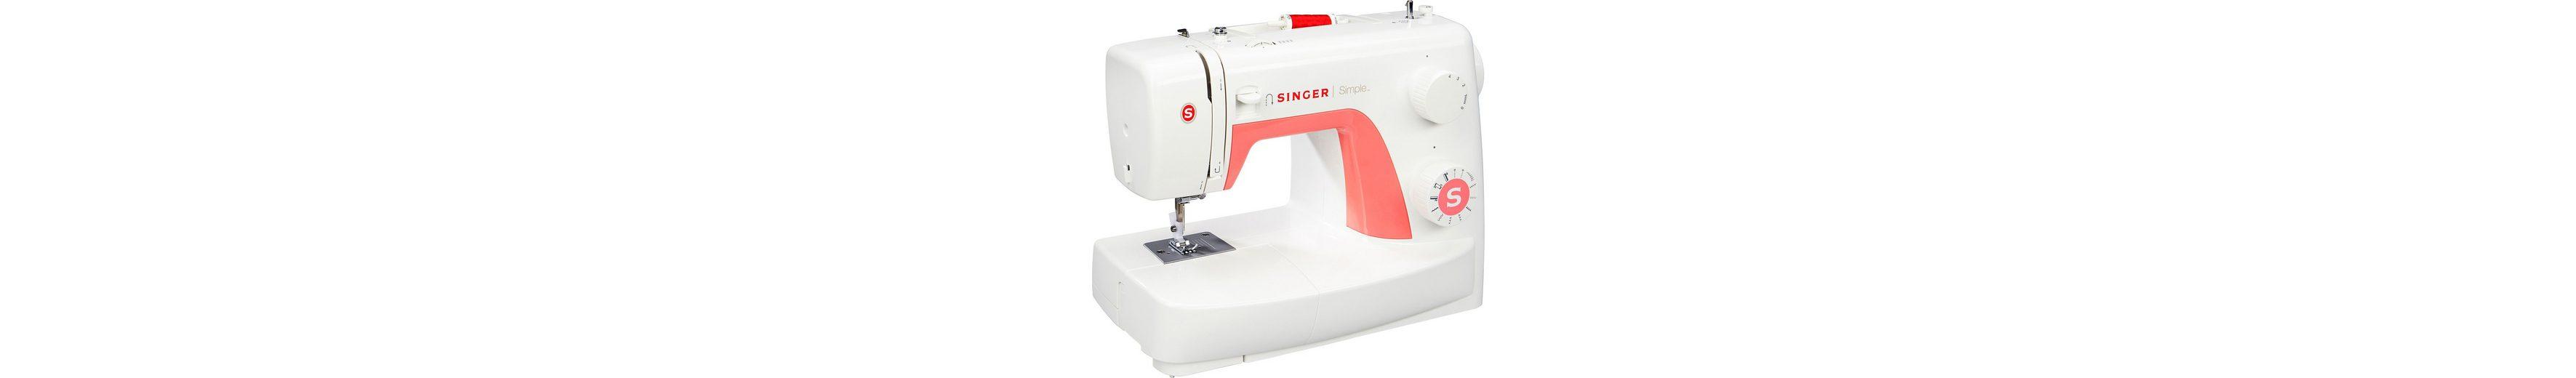 Singer Nähmaschine Simple 3210, , 10 Nähprogramme inkl. Knopfloch- und 3 Dekorationsstiche